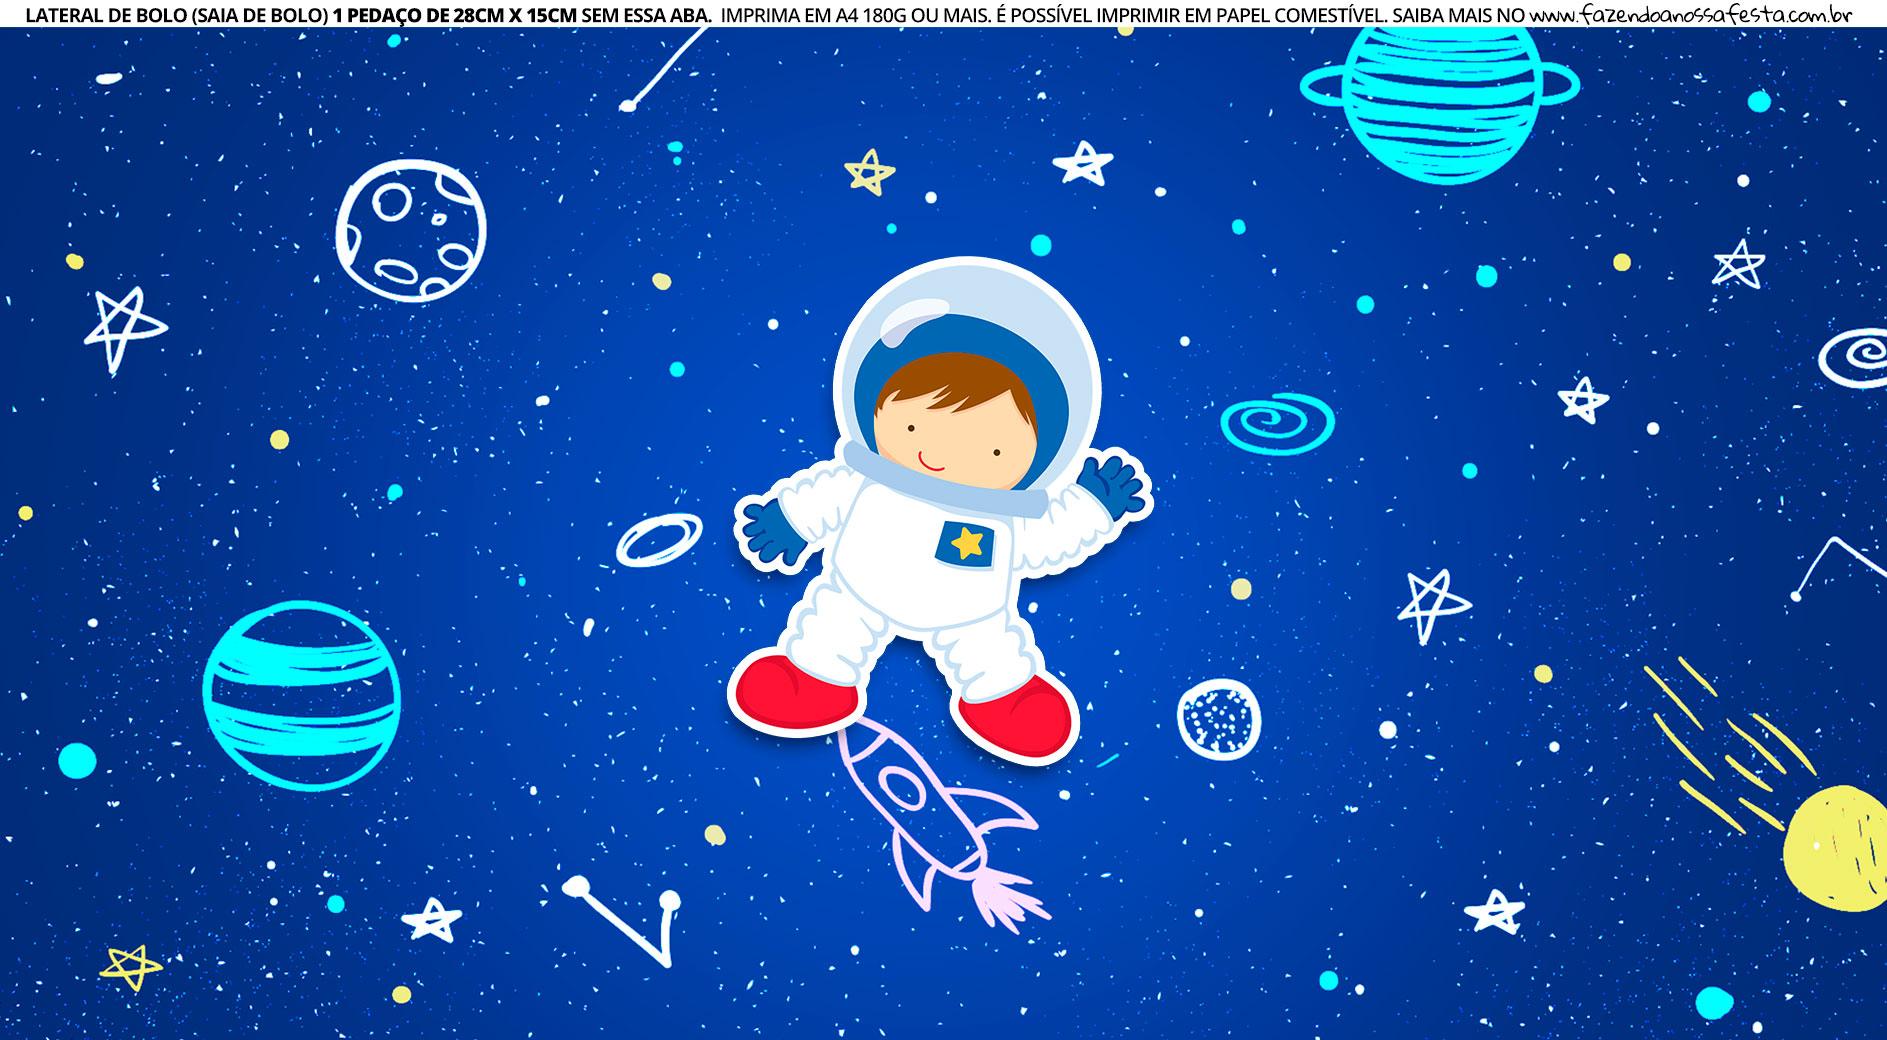 Faixa Lateral de Bolo Astronauta 2